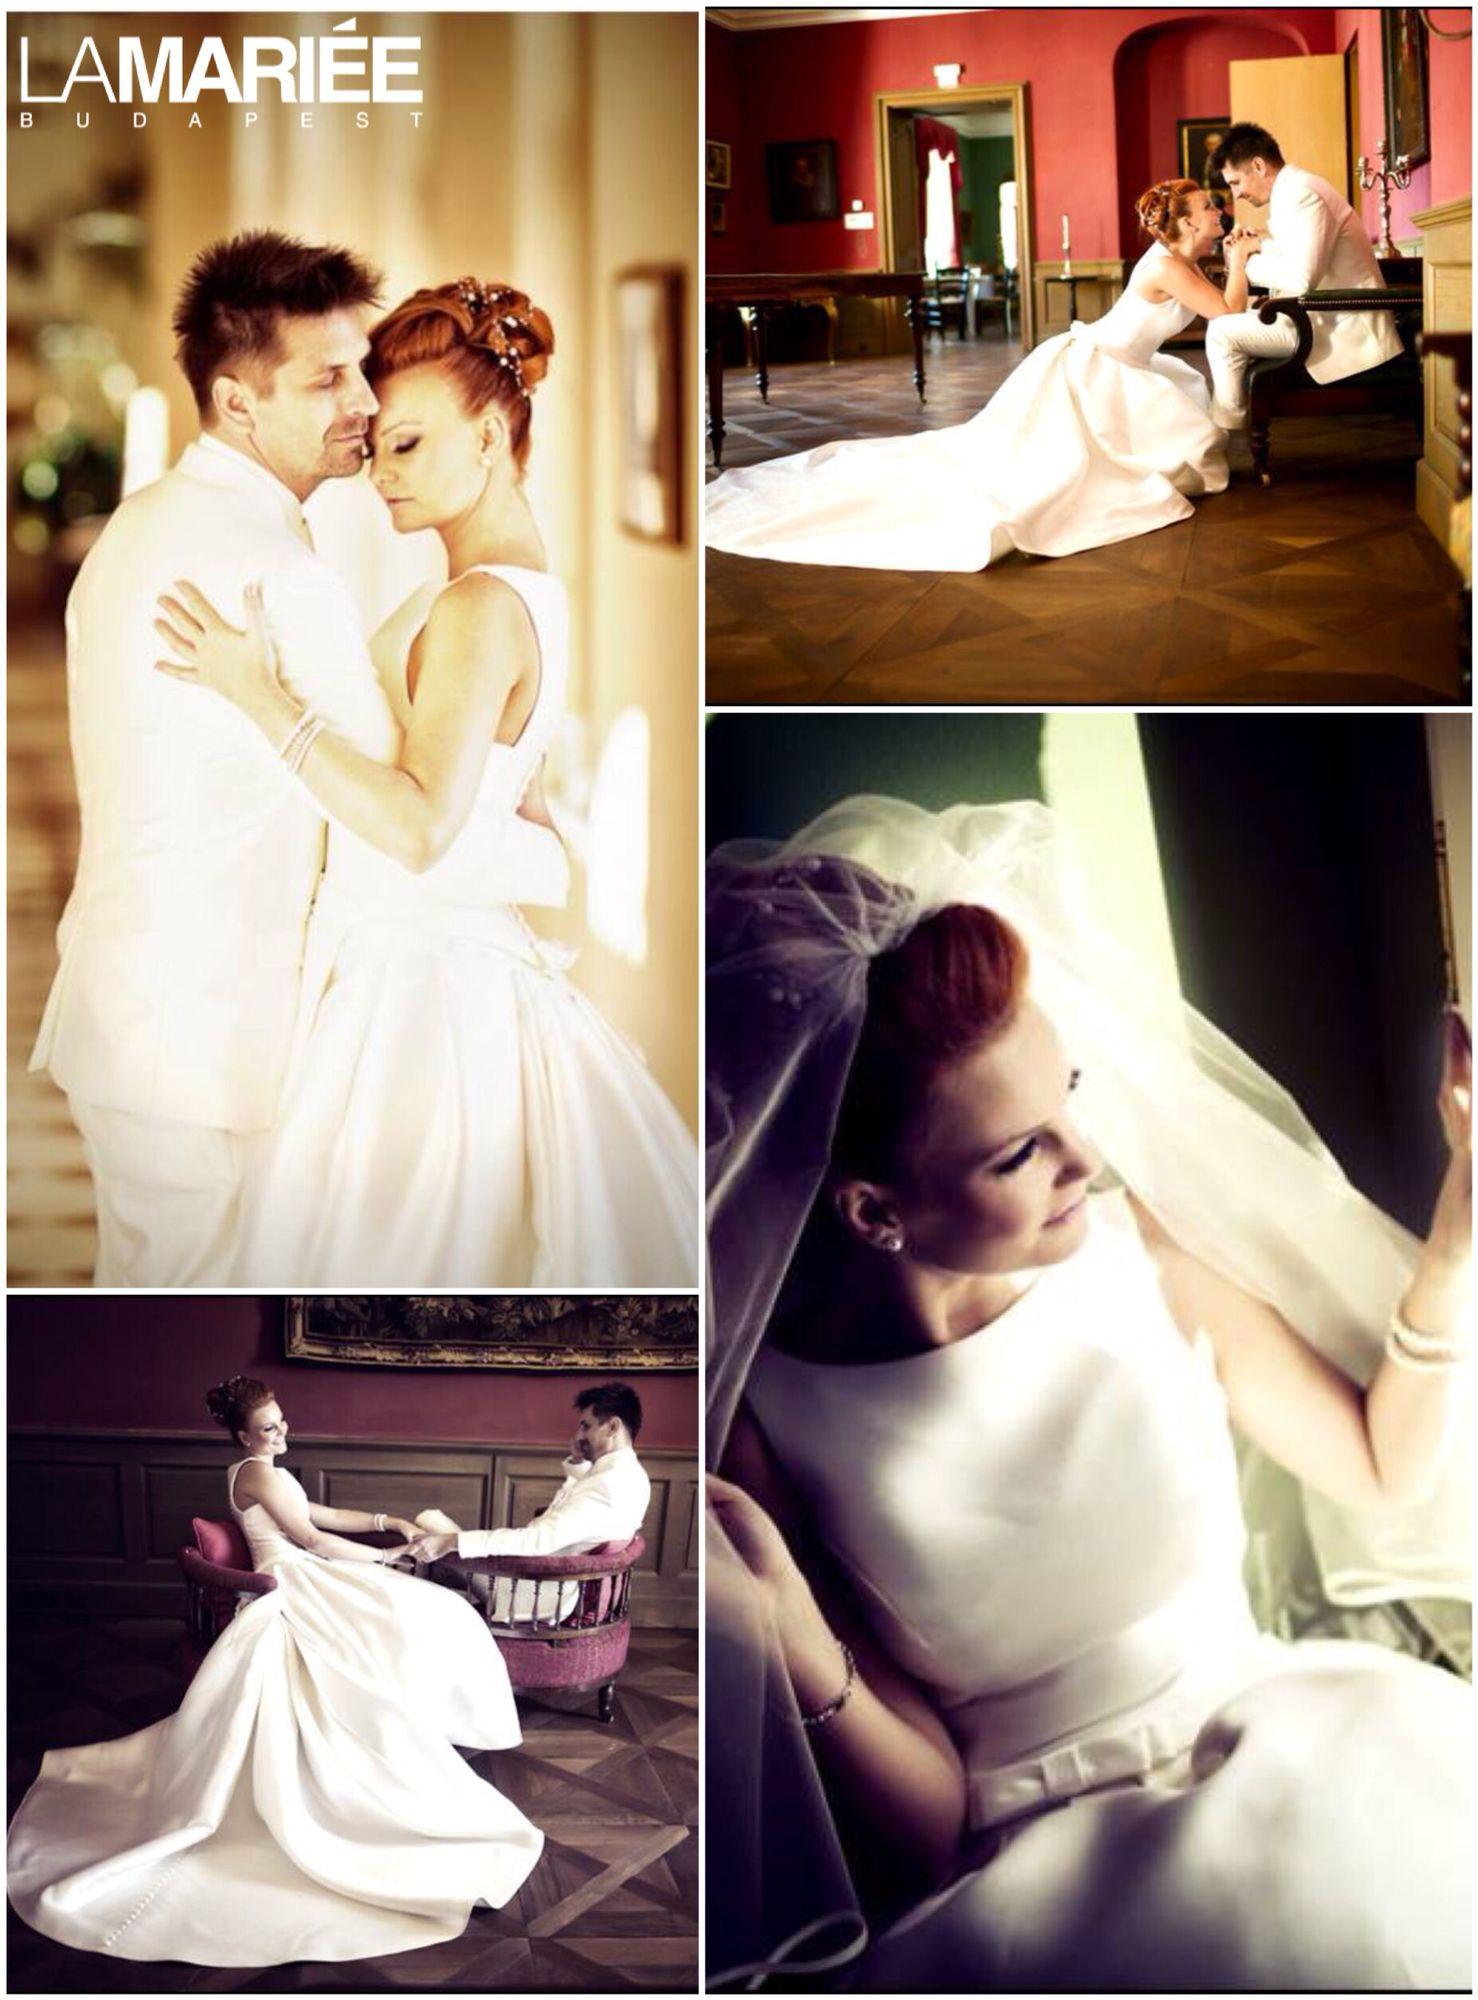 Barcaza esküvői ruha - 2015 Pronovias kollekció - Krisztina menyasszony -La  Mariée Budapest esküvői ruhaszalon bc4cf4bc8e